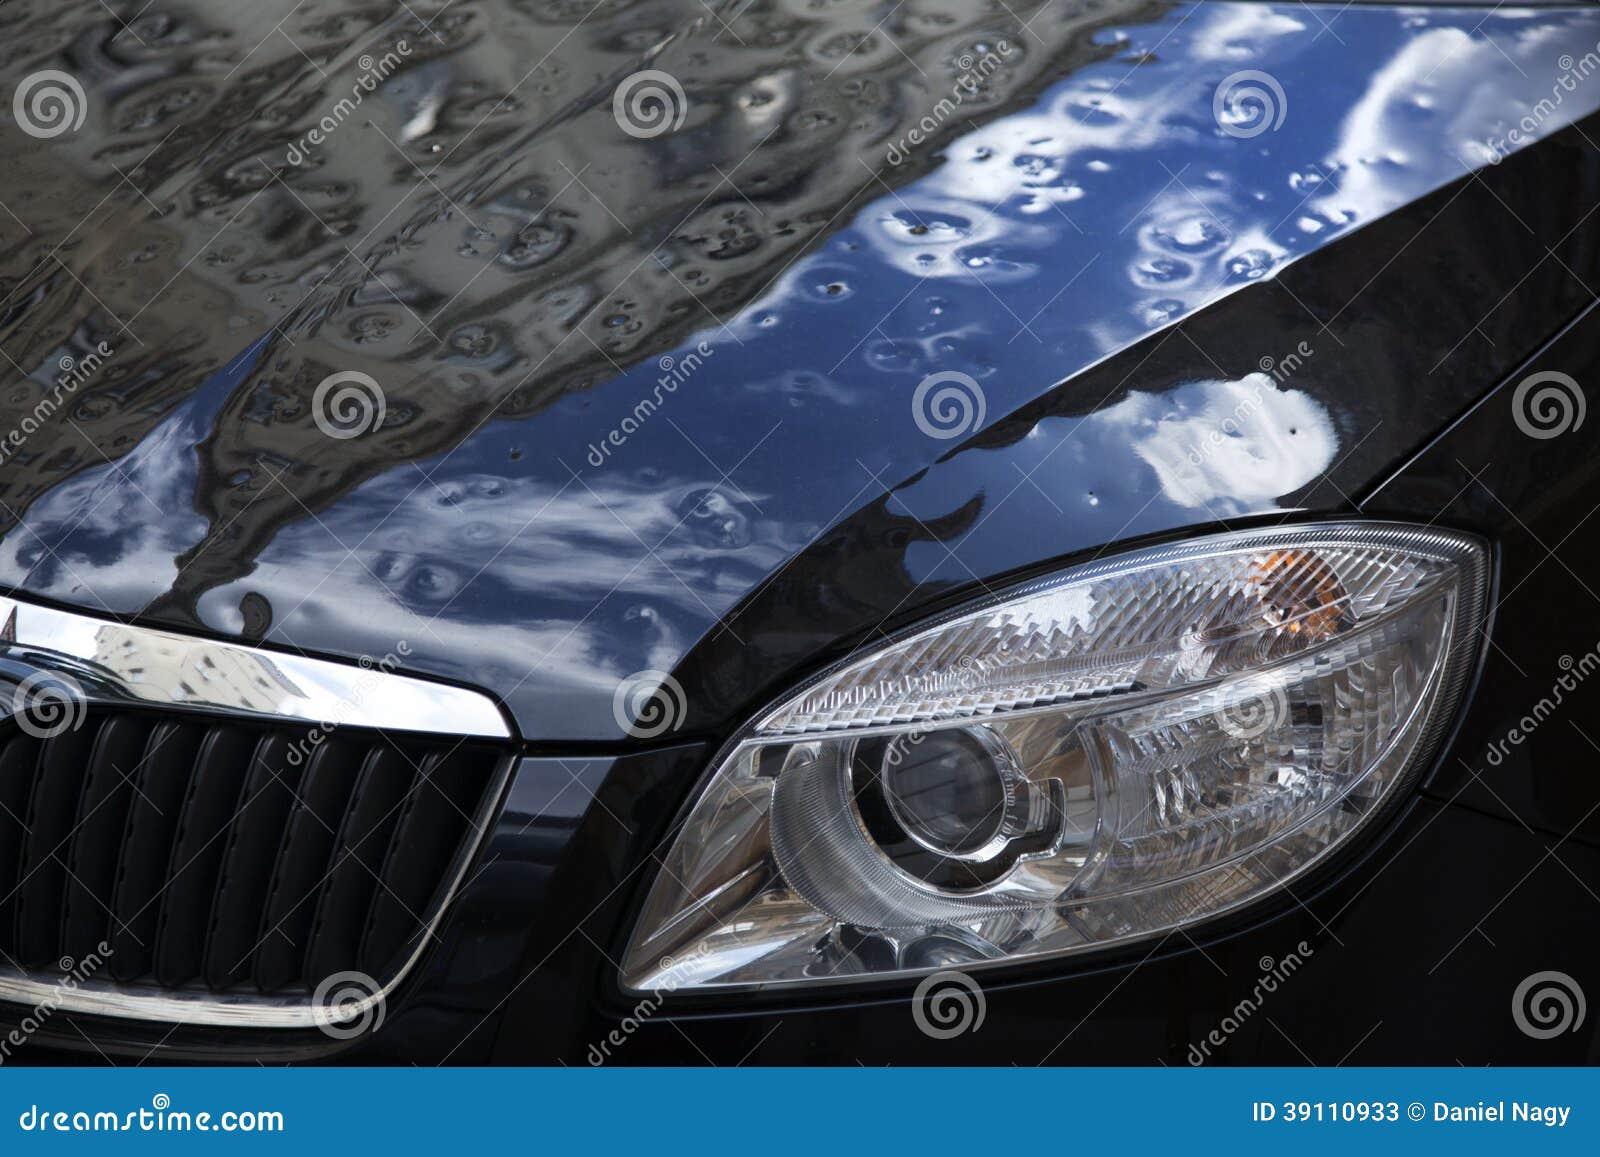 Ijsklap, beschadigde zwarte auto